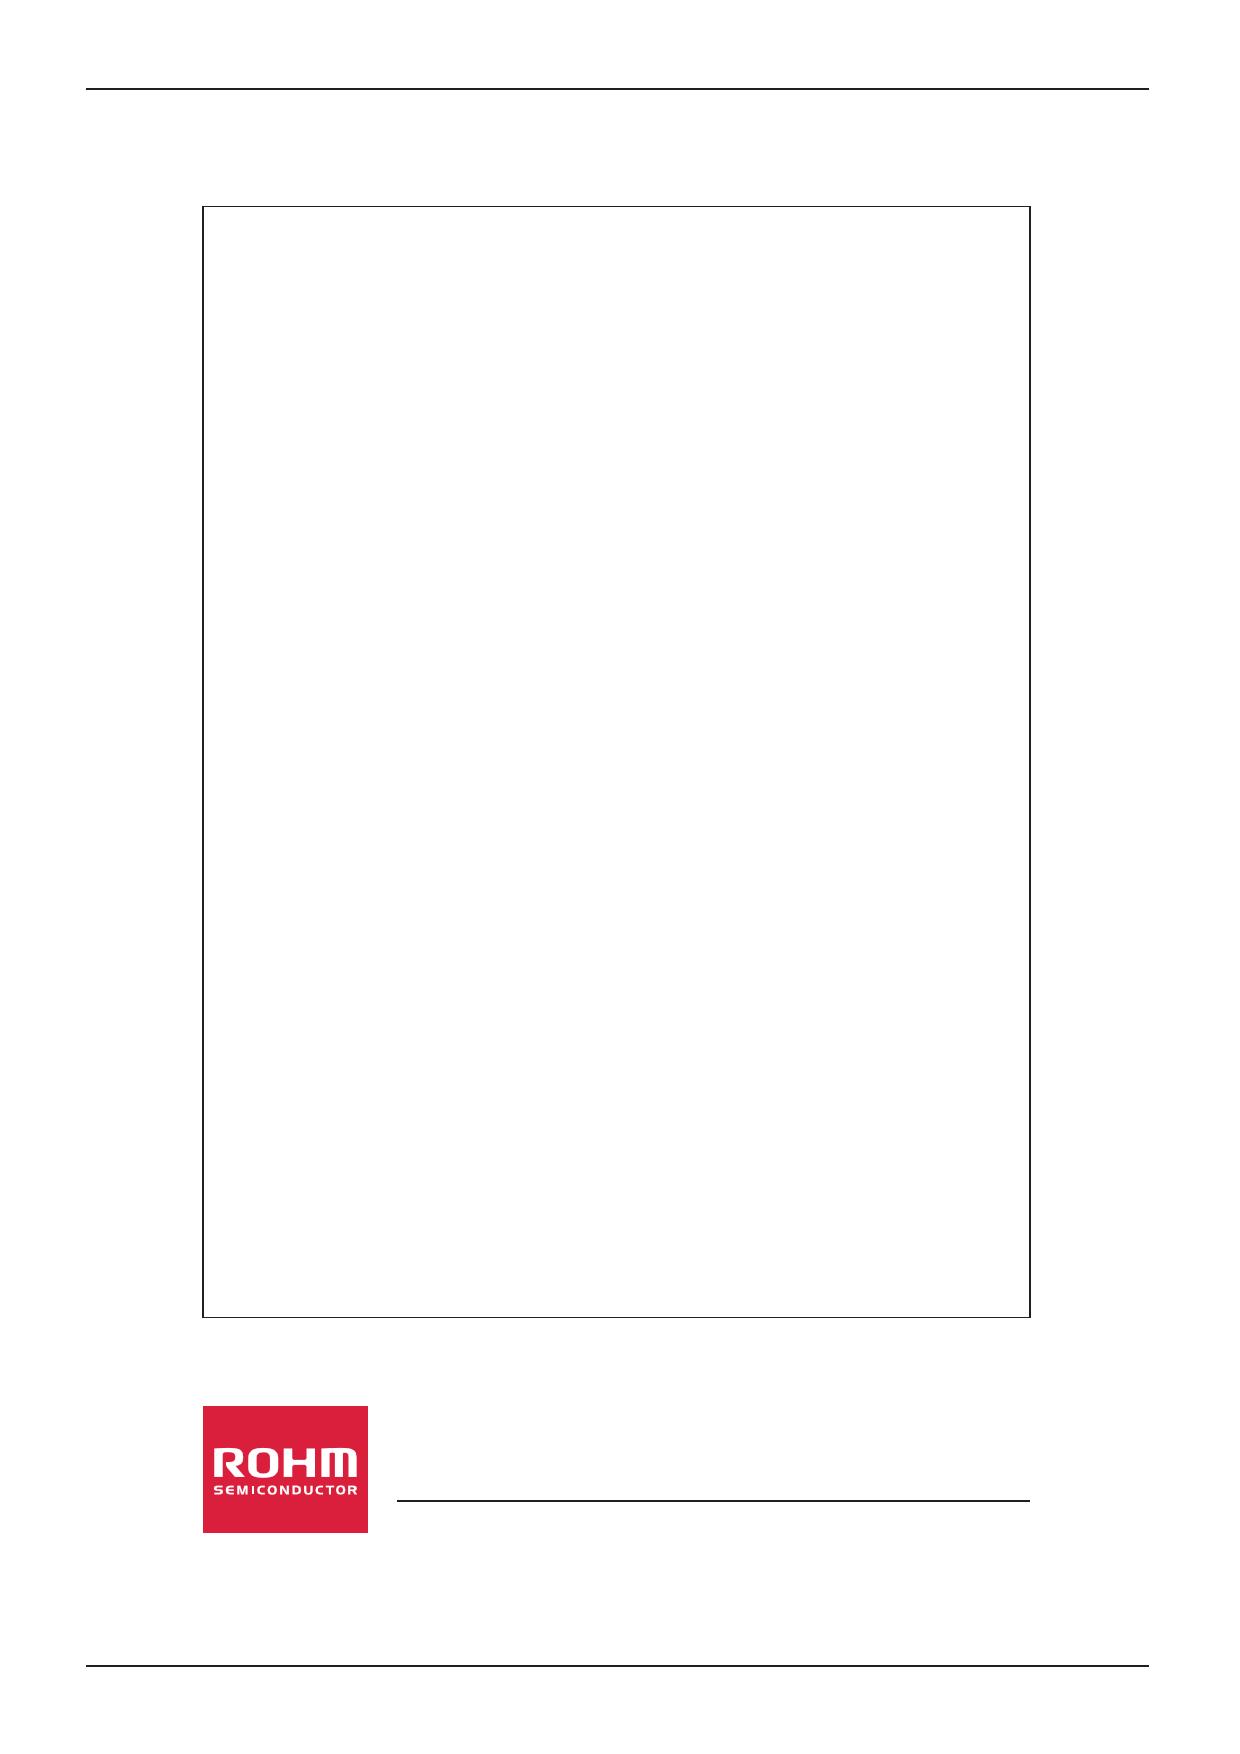 RW1A013ZP pdf, datenblatt